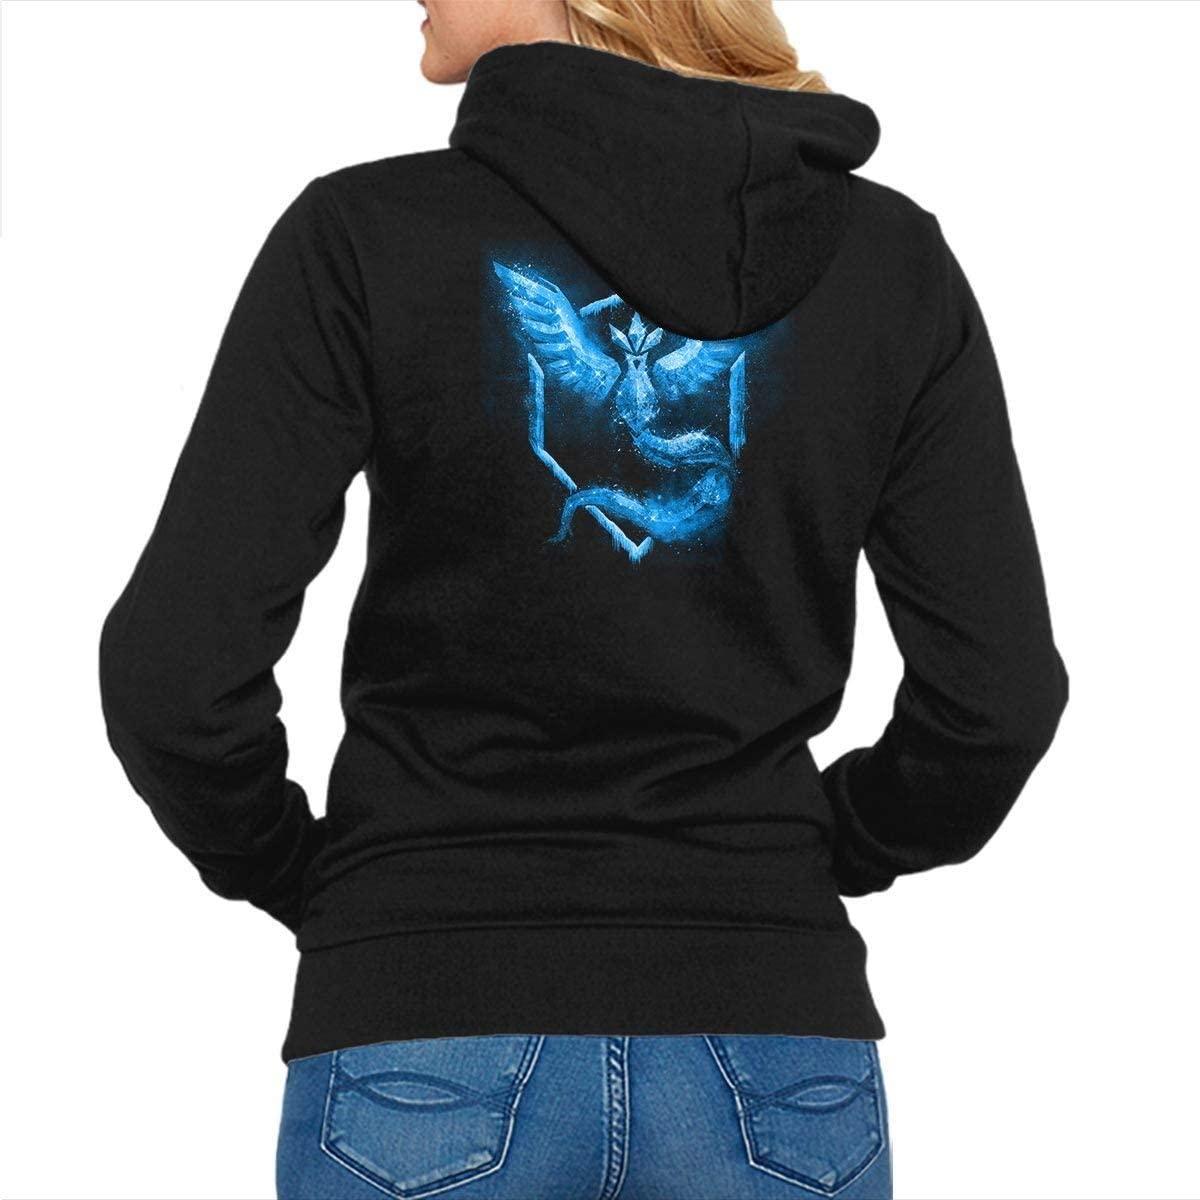 TeeFury Elemental Mystic - Unisex Zip-Up Sweatshirt